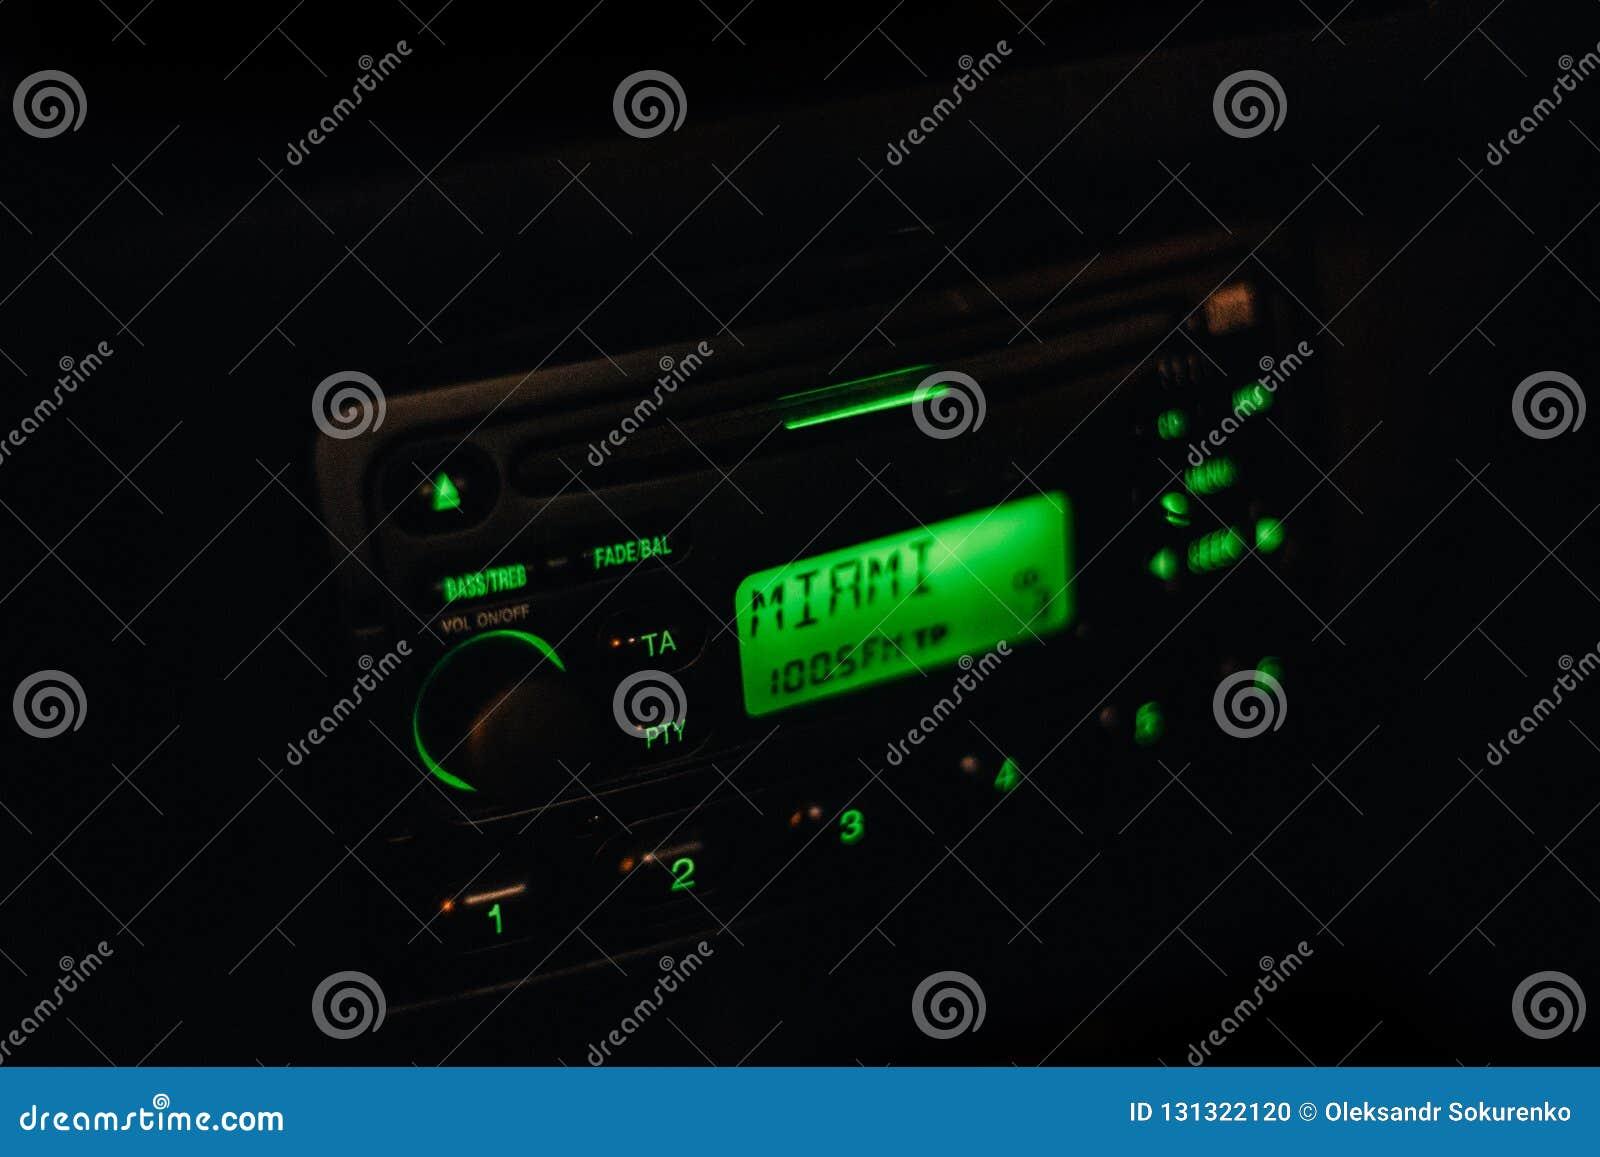 Κλασικό εκλεκτής ποιότητας ραδιόφωνο αυτοκινήτου με το δροσερό πράσινο backlight